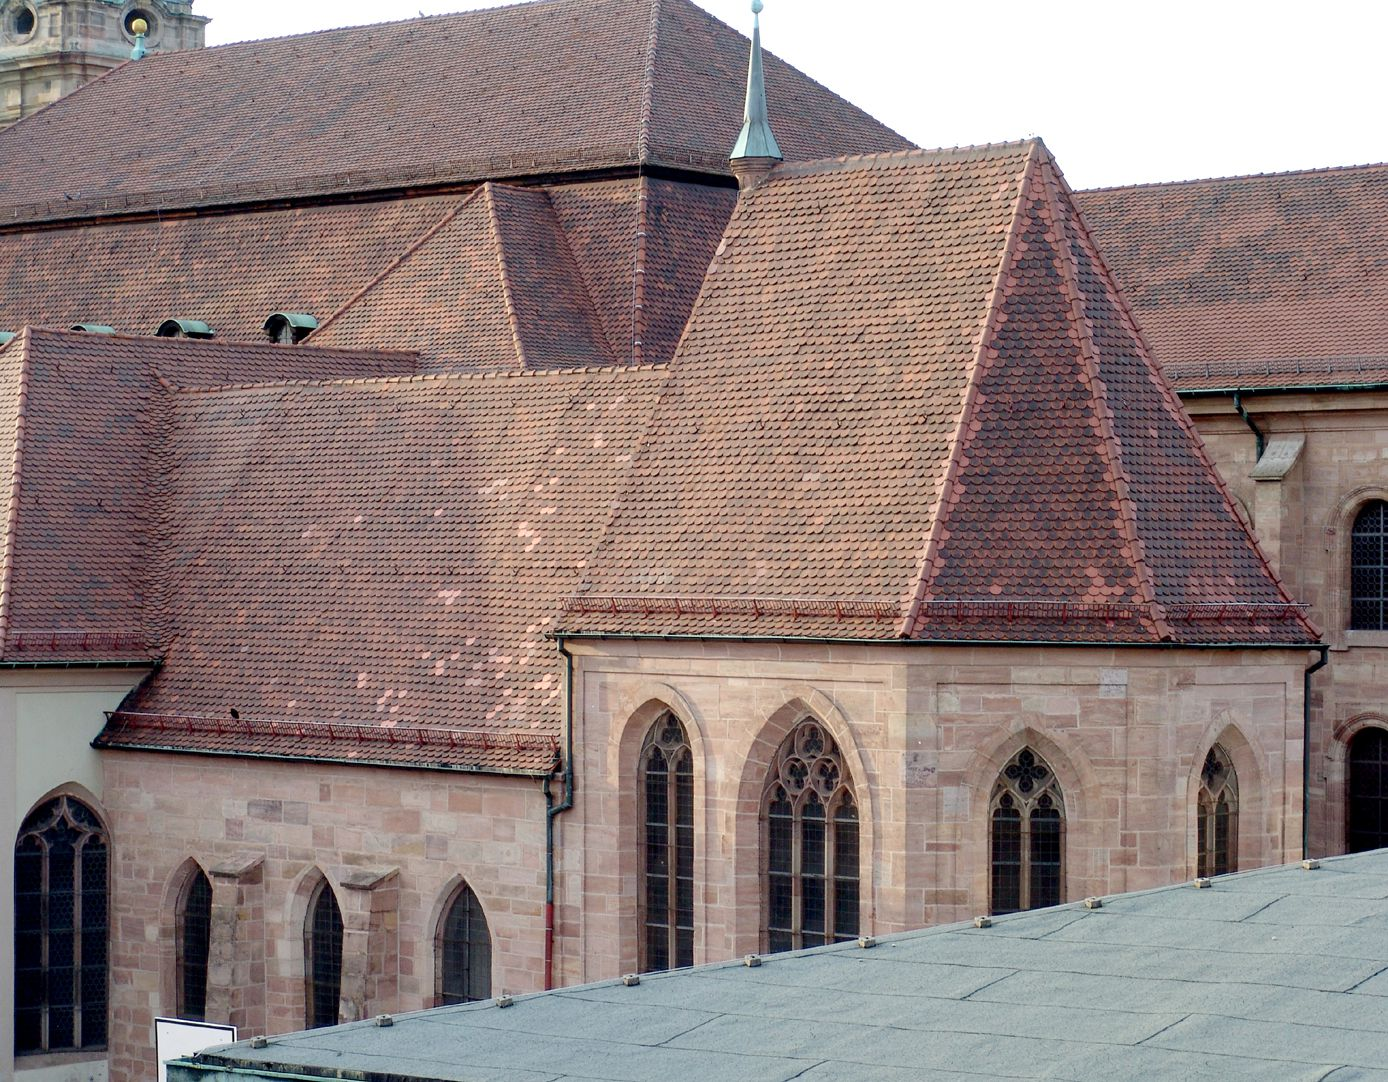 Euchariuskapelle von links nach rechts: Wolfgangs-, Eucharius- und Tetzelkapelle, dahinter St. Egidien